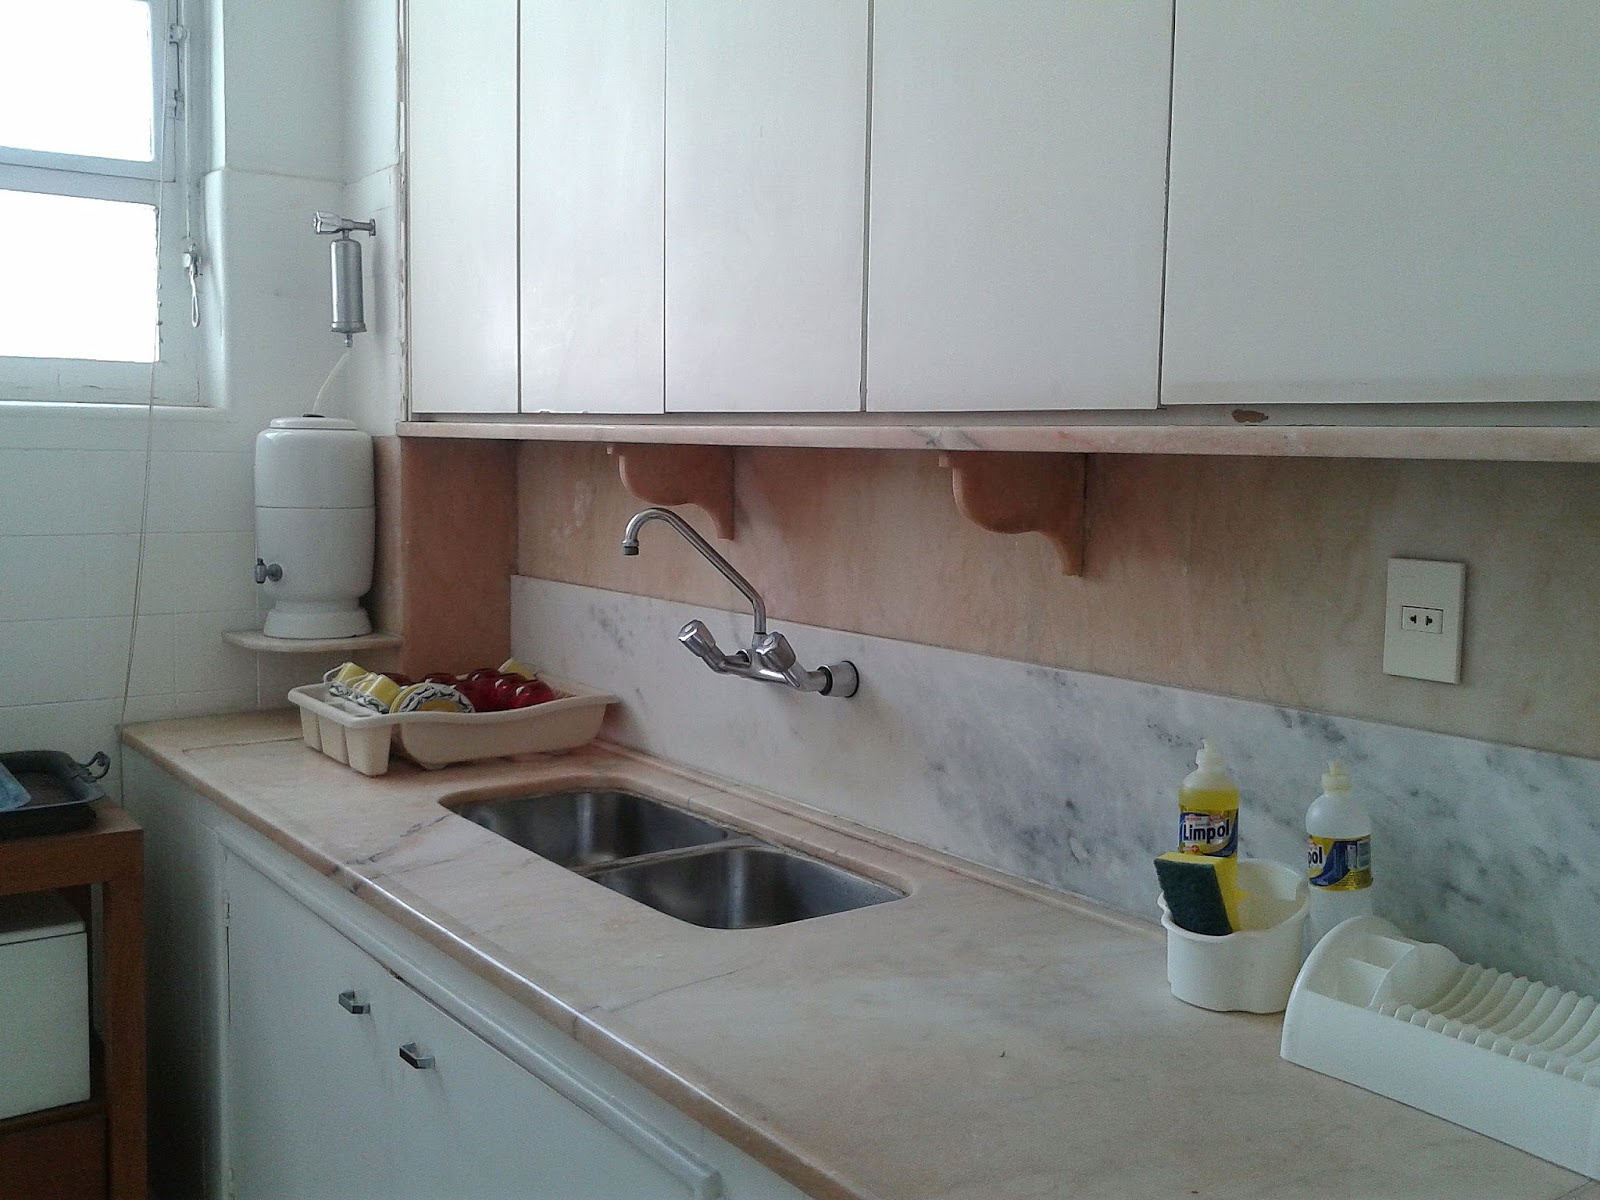 #5E463C  Preciso de uma tomada na lateral da bancada da cozinha. O quê fazer 1600x1200 px Projetos Da Instalação Da Cozinha_401 Imagens